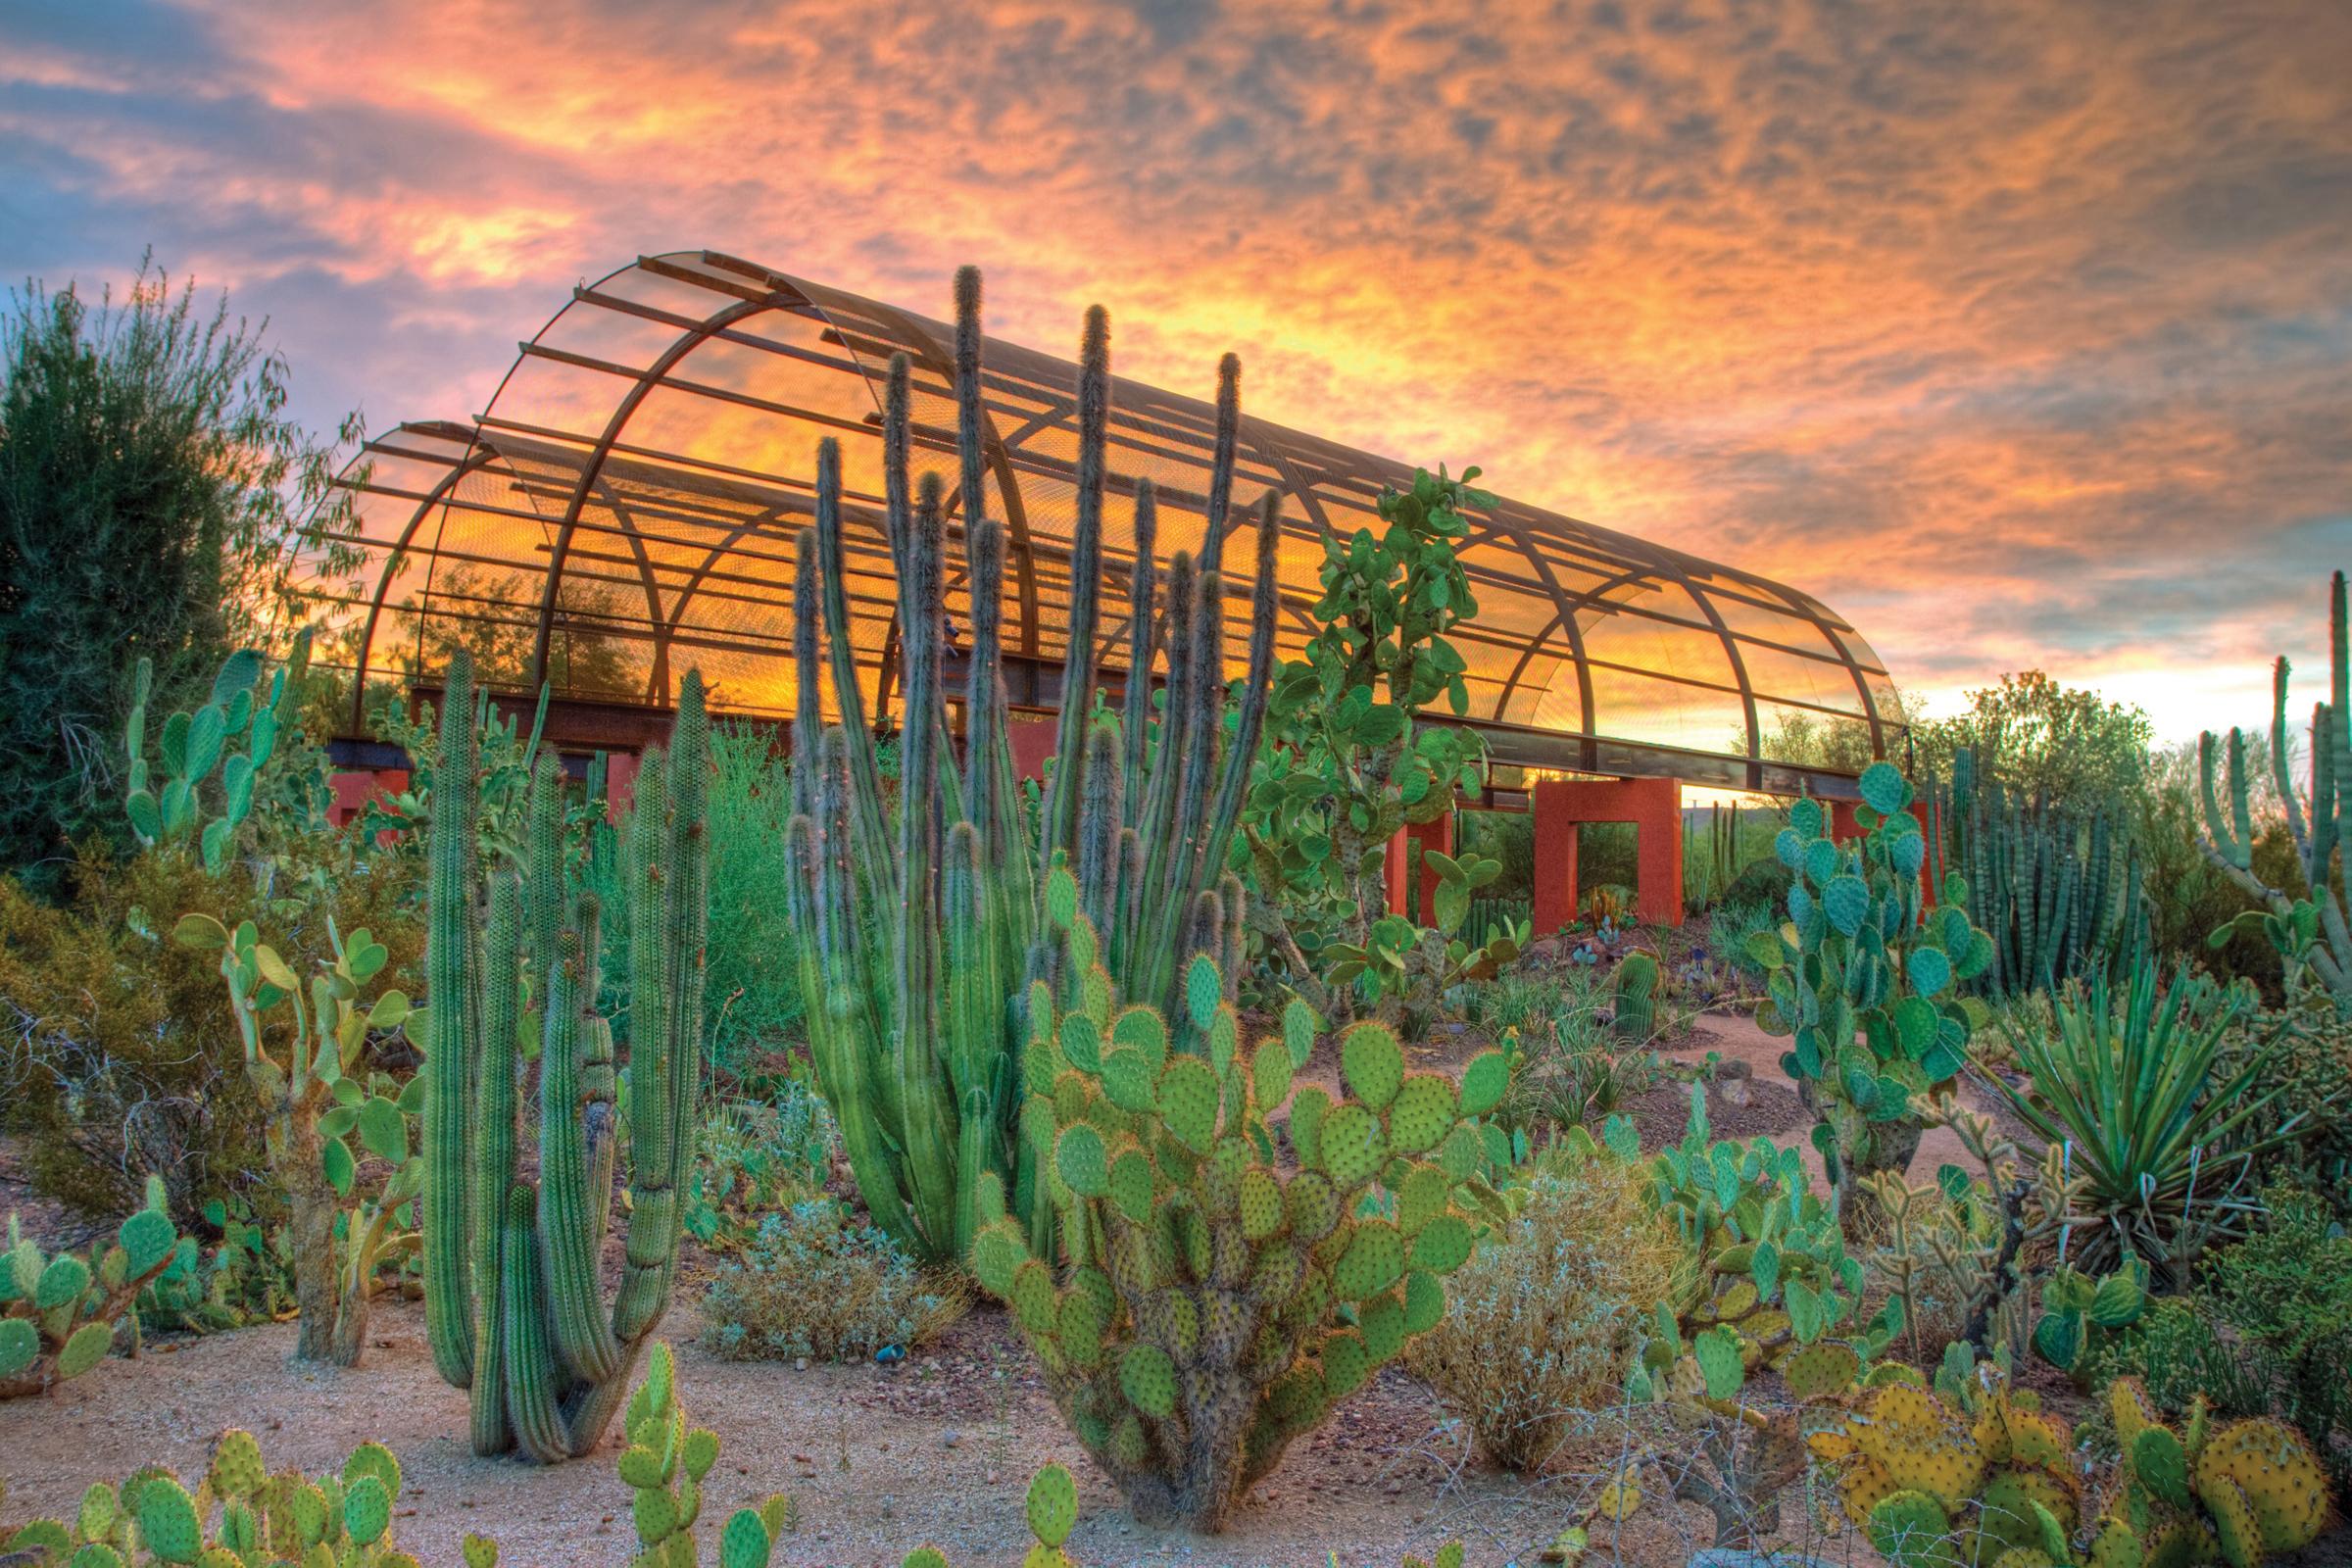 dbg cactus gallery 1 5f06745b5056b3a_5f067a8a 5056 b3a8 49398221e0979971jpg - Desert Botanical Garden